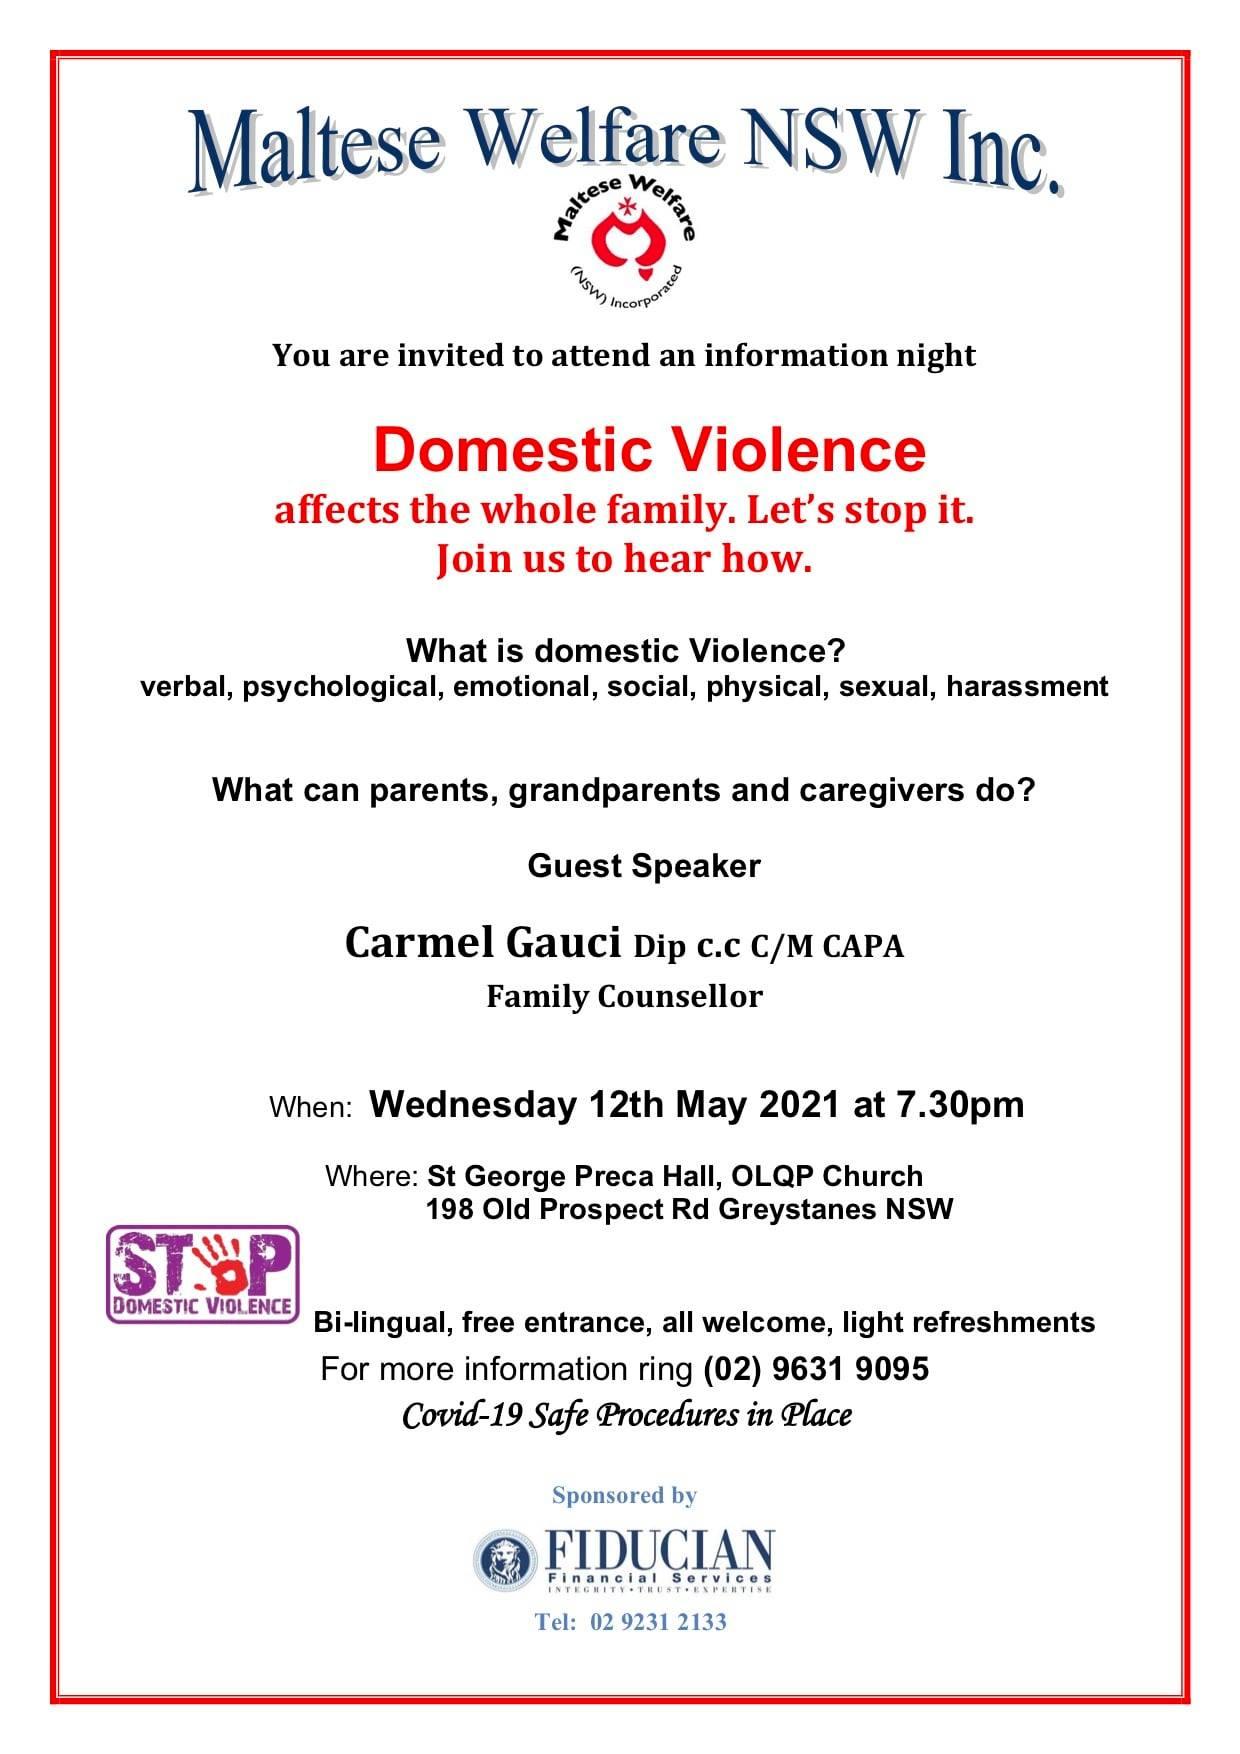 Maltese Welfare Domestic Violence Seminar